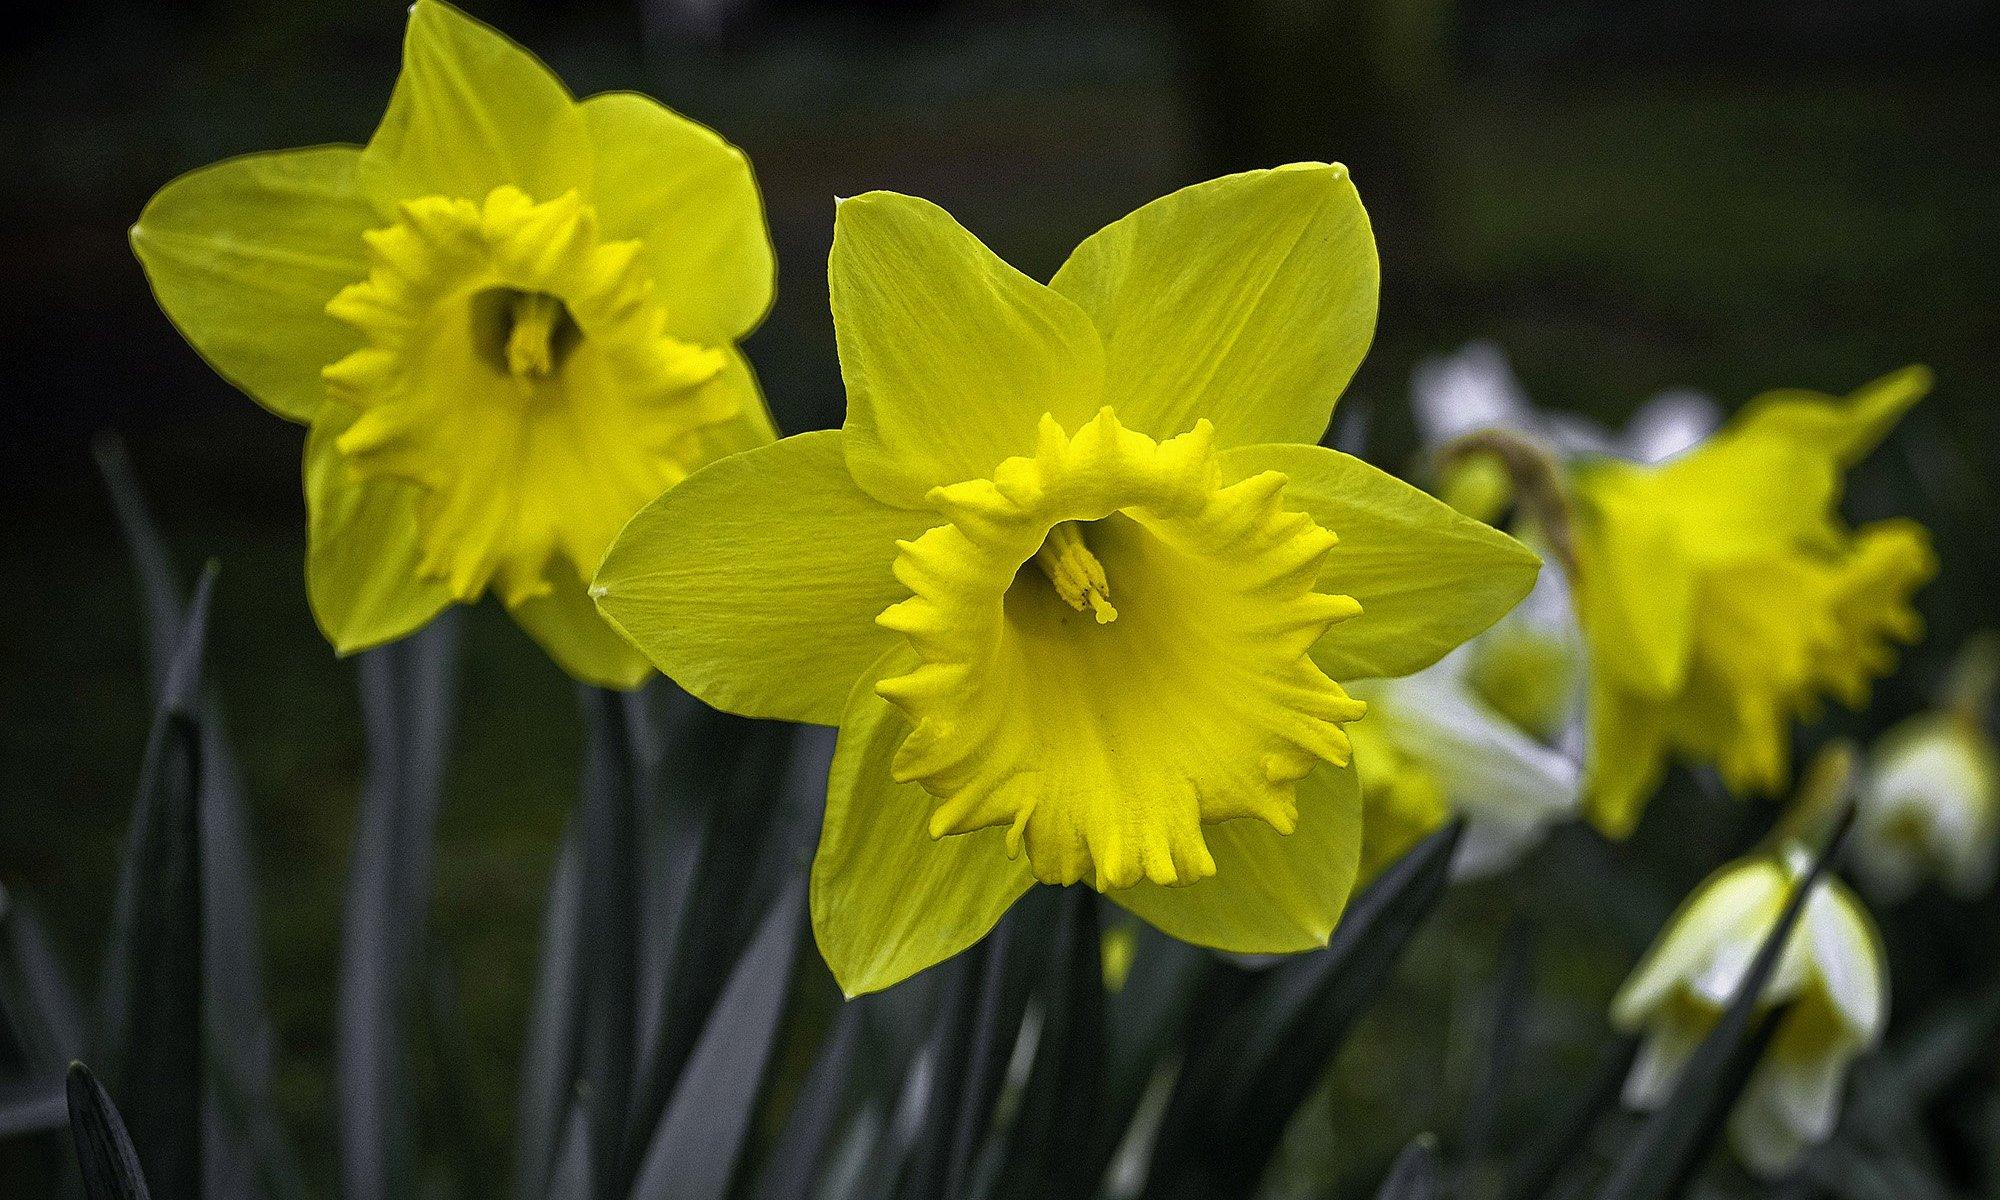 wild_daffodil_flowers_durham_england.jpg